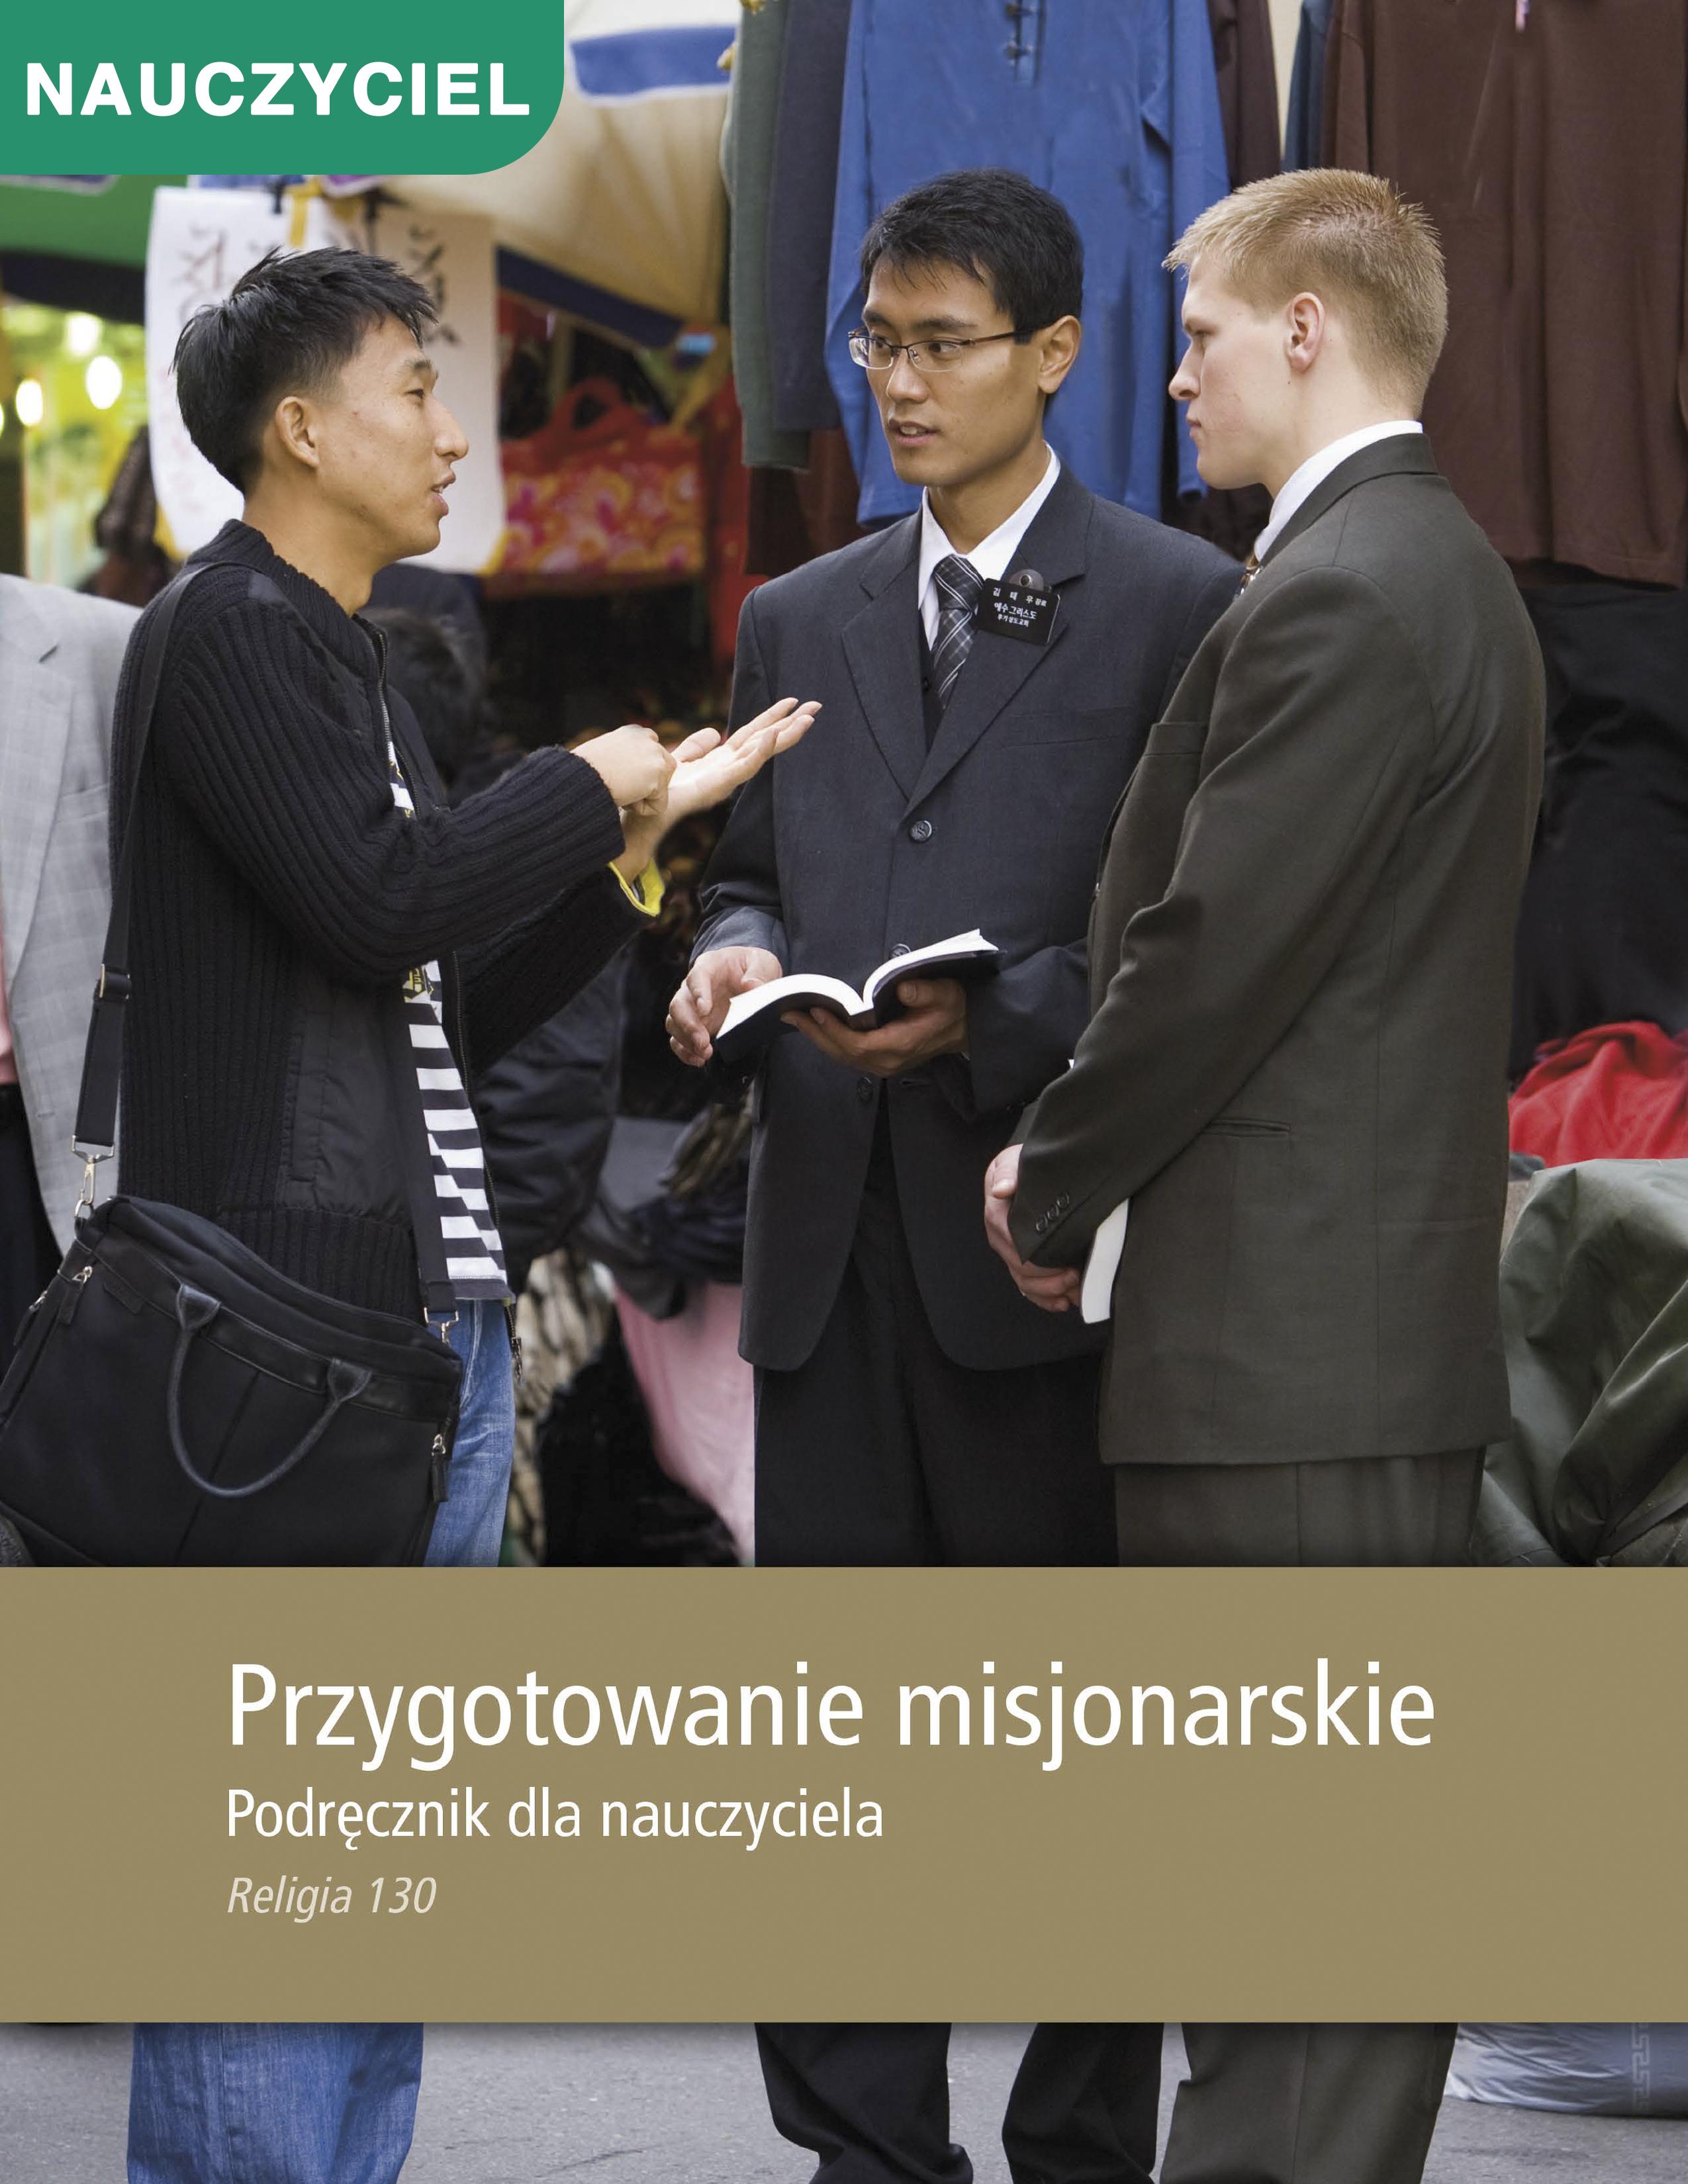 Przygotowanie misjonarskie. Podręcznik dla nauczyciela (Rel 130)